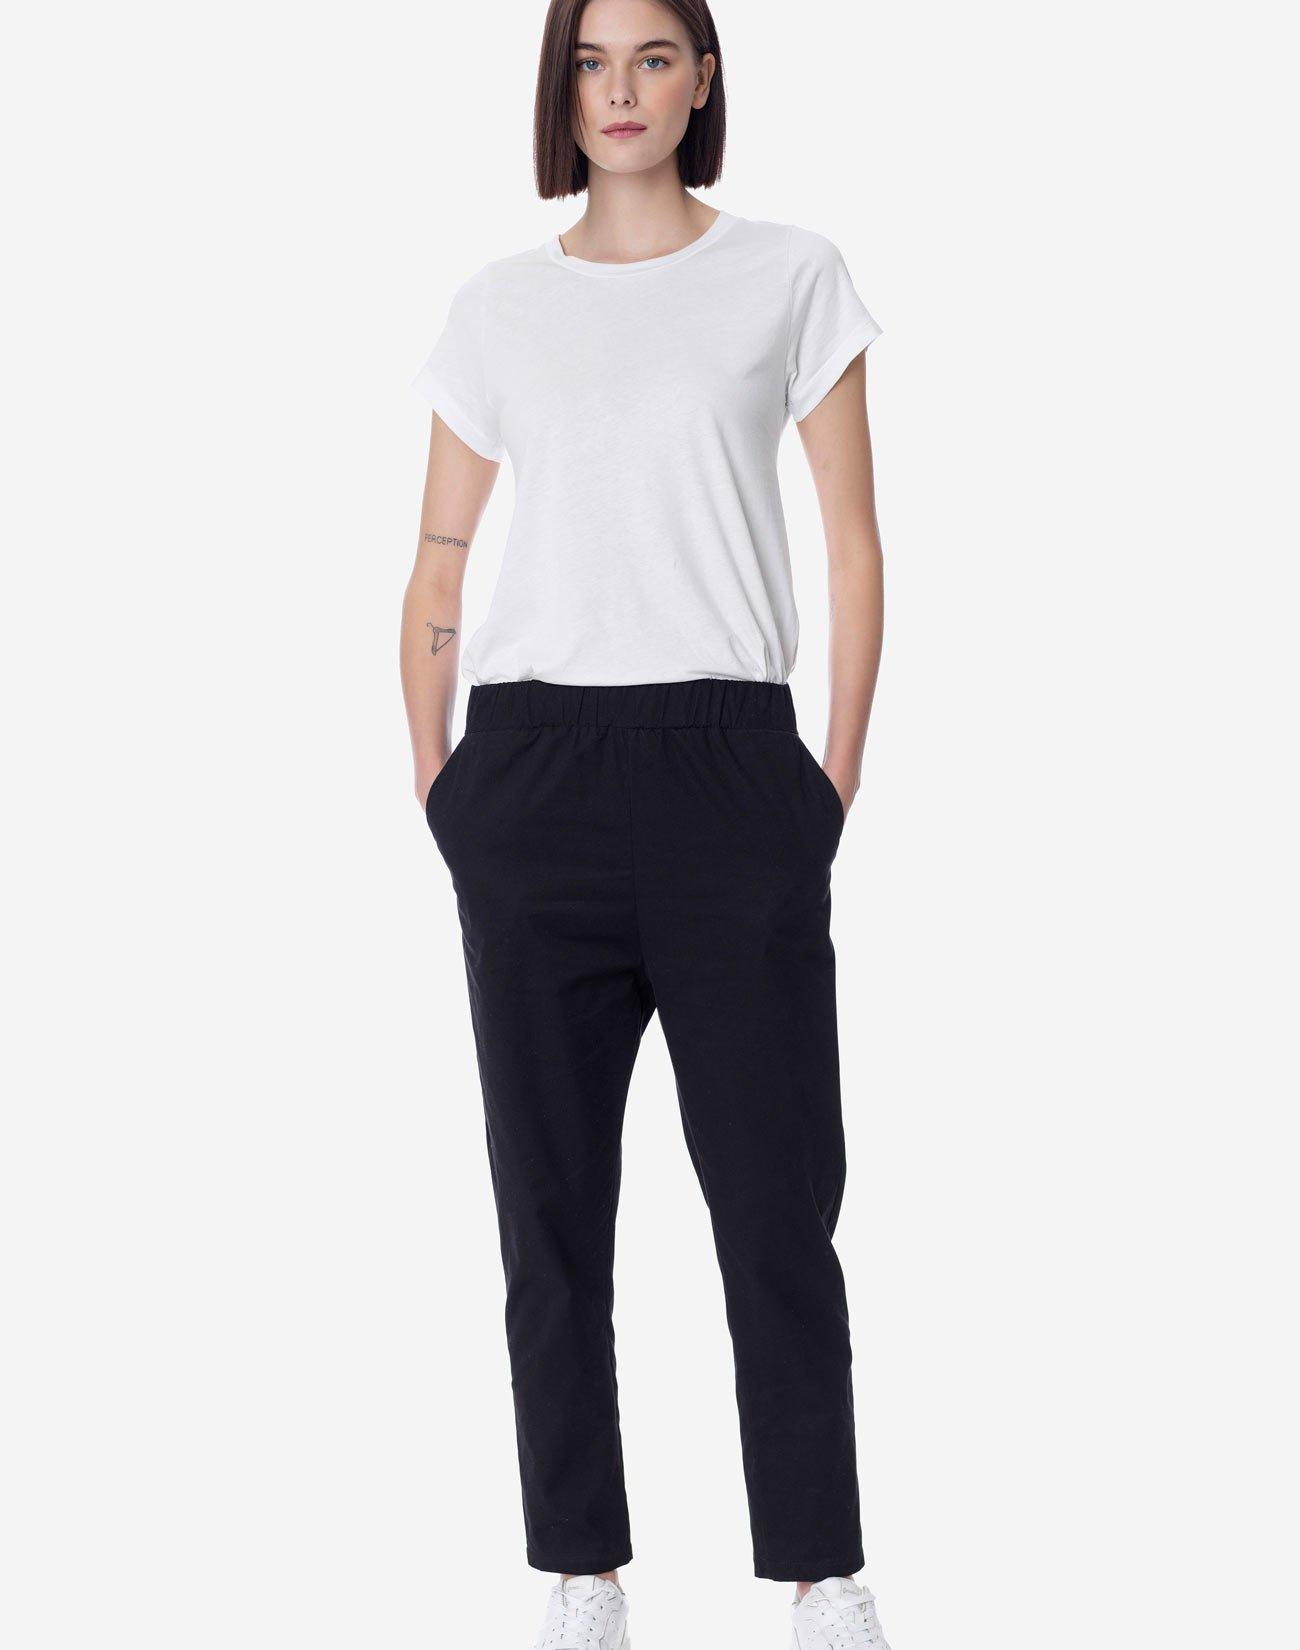 Παντελόνι με λάστιχο στη μέση